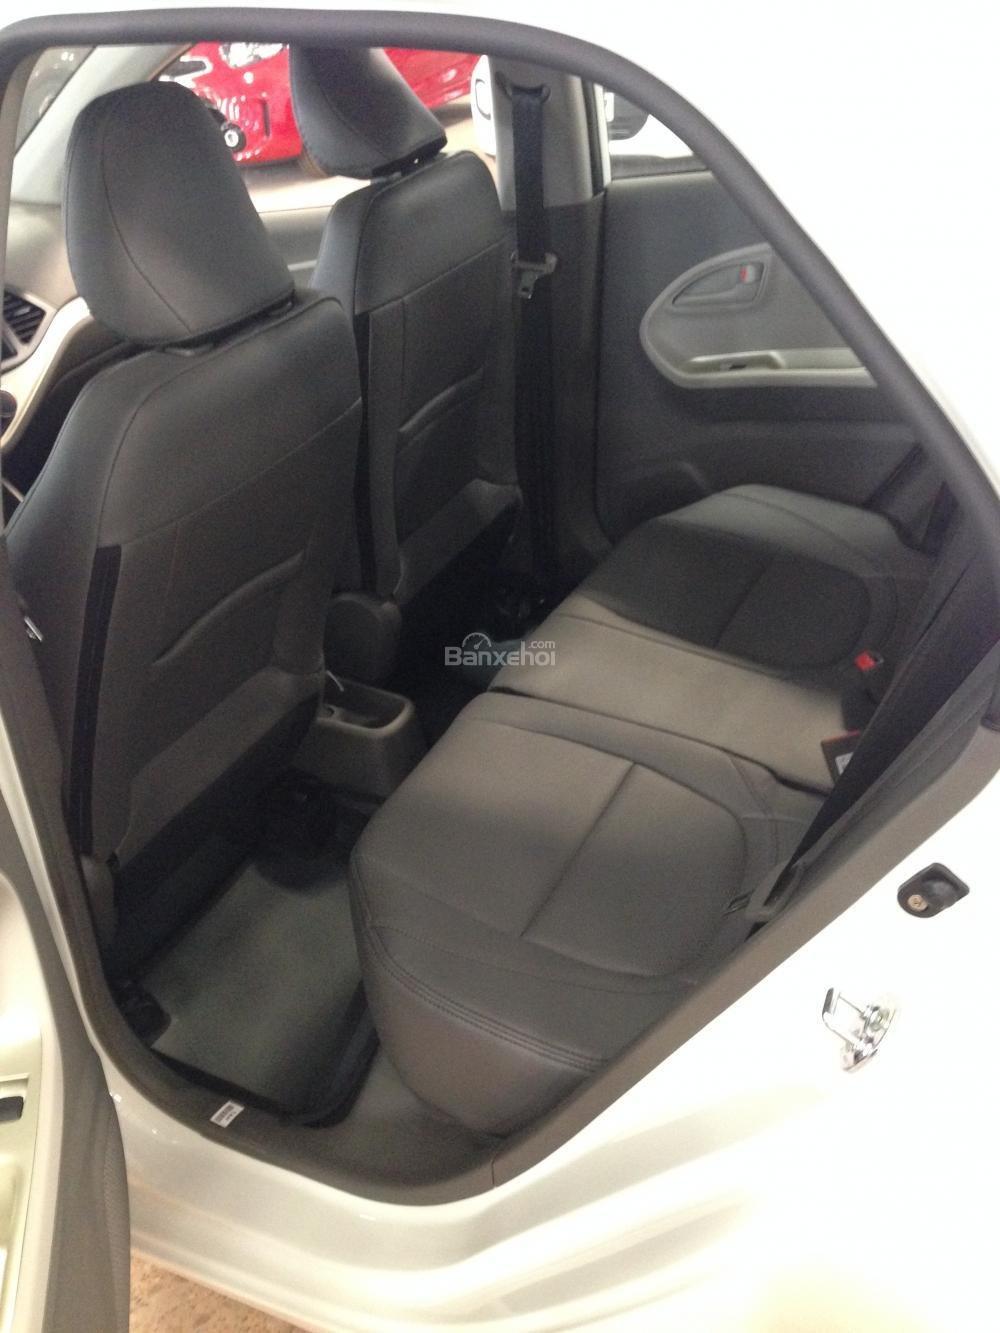 Cần bán xe Kia Morning EXMT đời 2015, màu trắng giá cạnh tranh, hỗ trả góp 70% -4